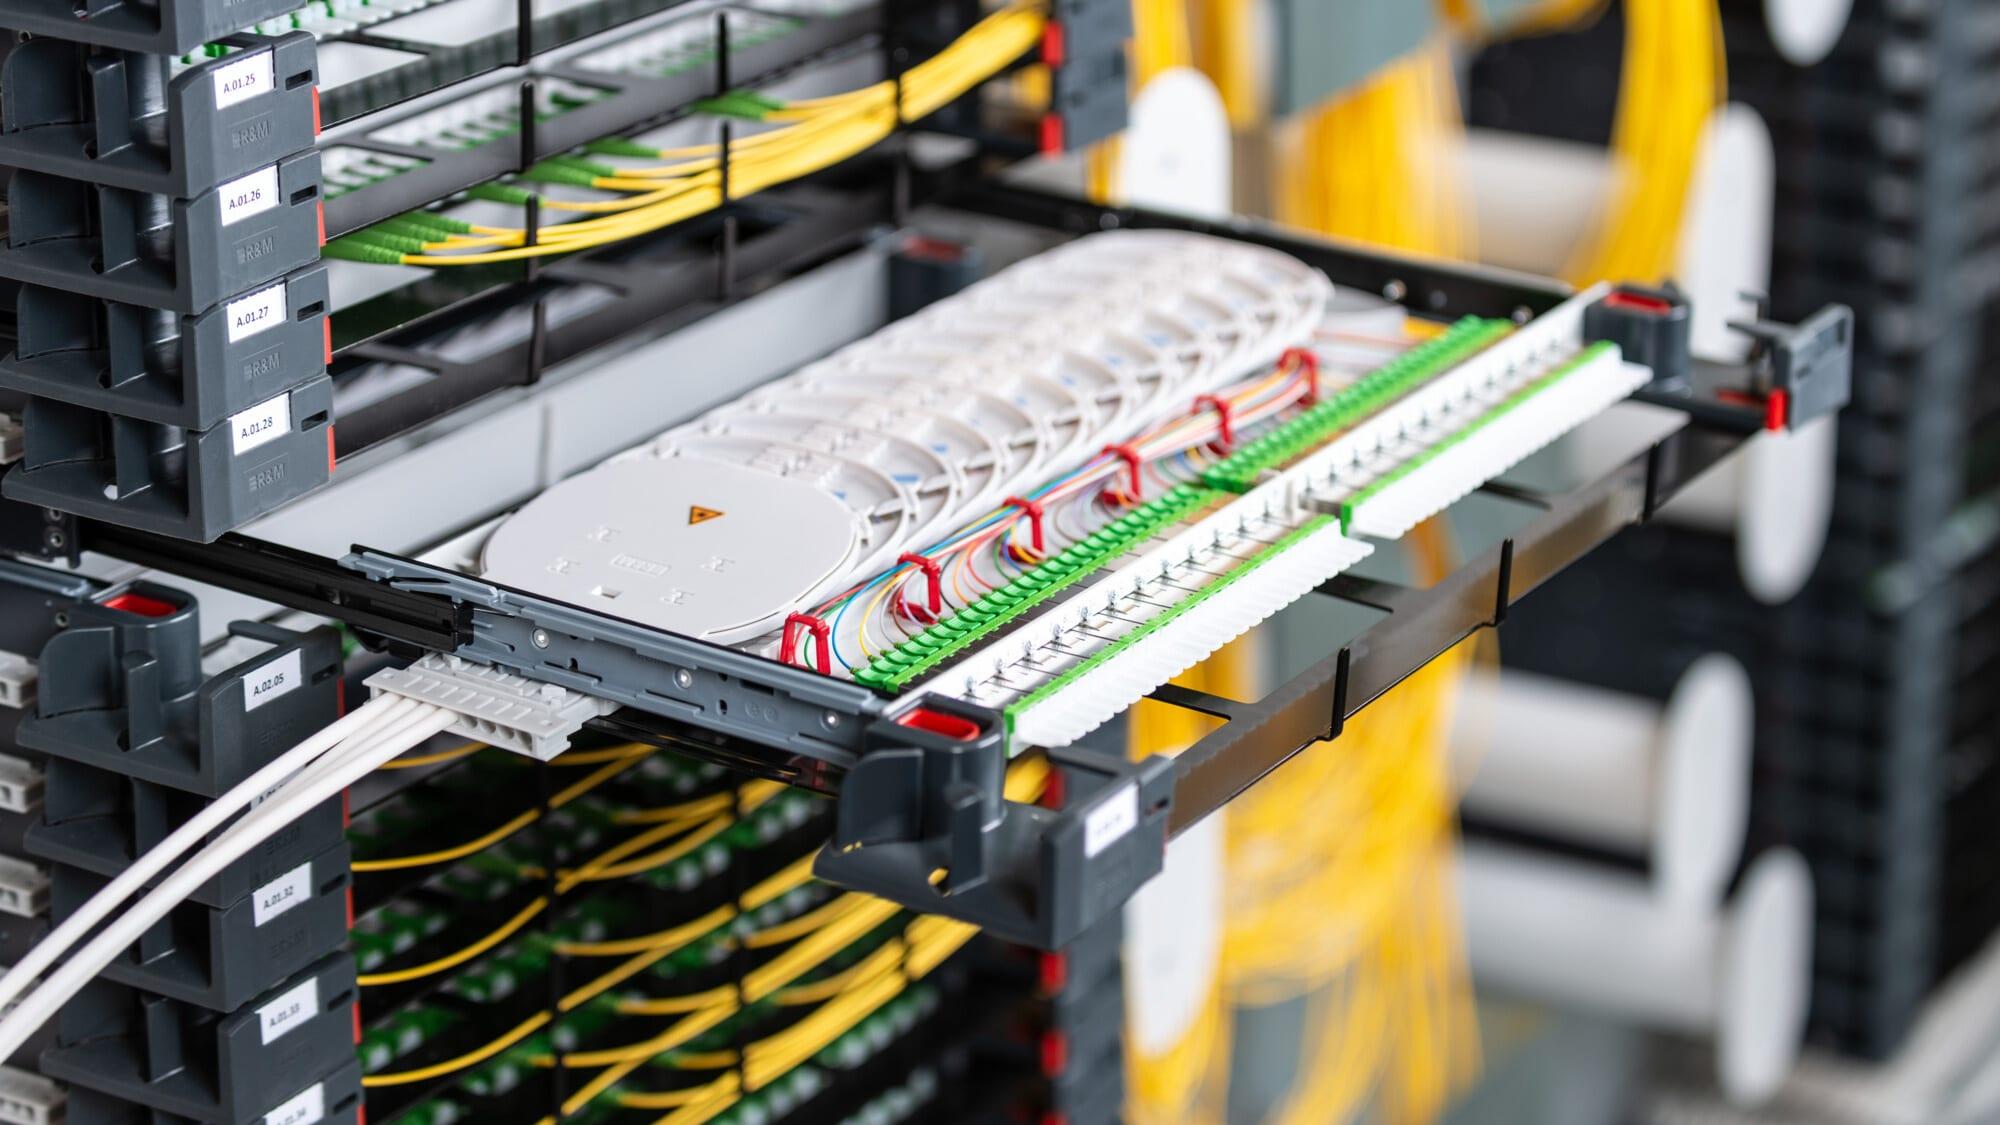 R&M erweitert Familie der PRIME-Glasfaserverteiler um Einschübe für das Einzelfasermanagement in FTTH-Zugangsnetzen. Kreuzungsfreie Faserführung erleichtert Administration.